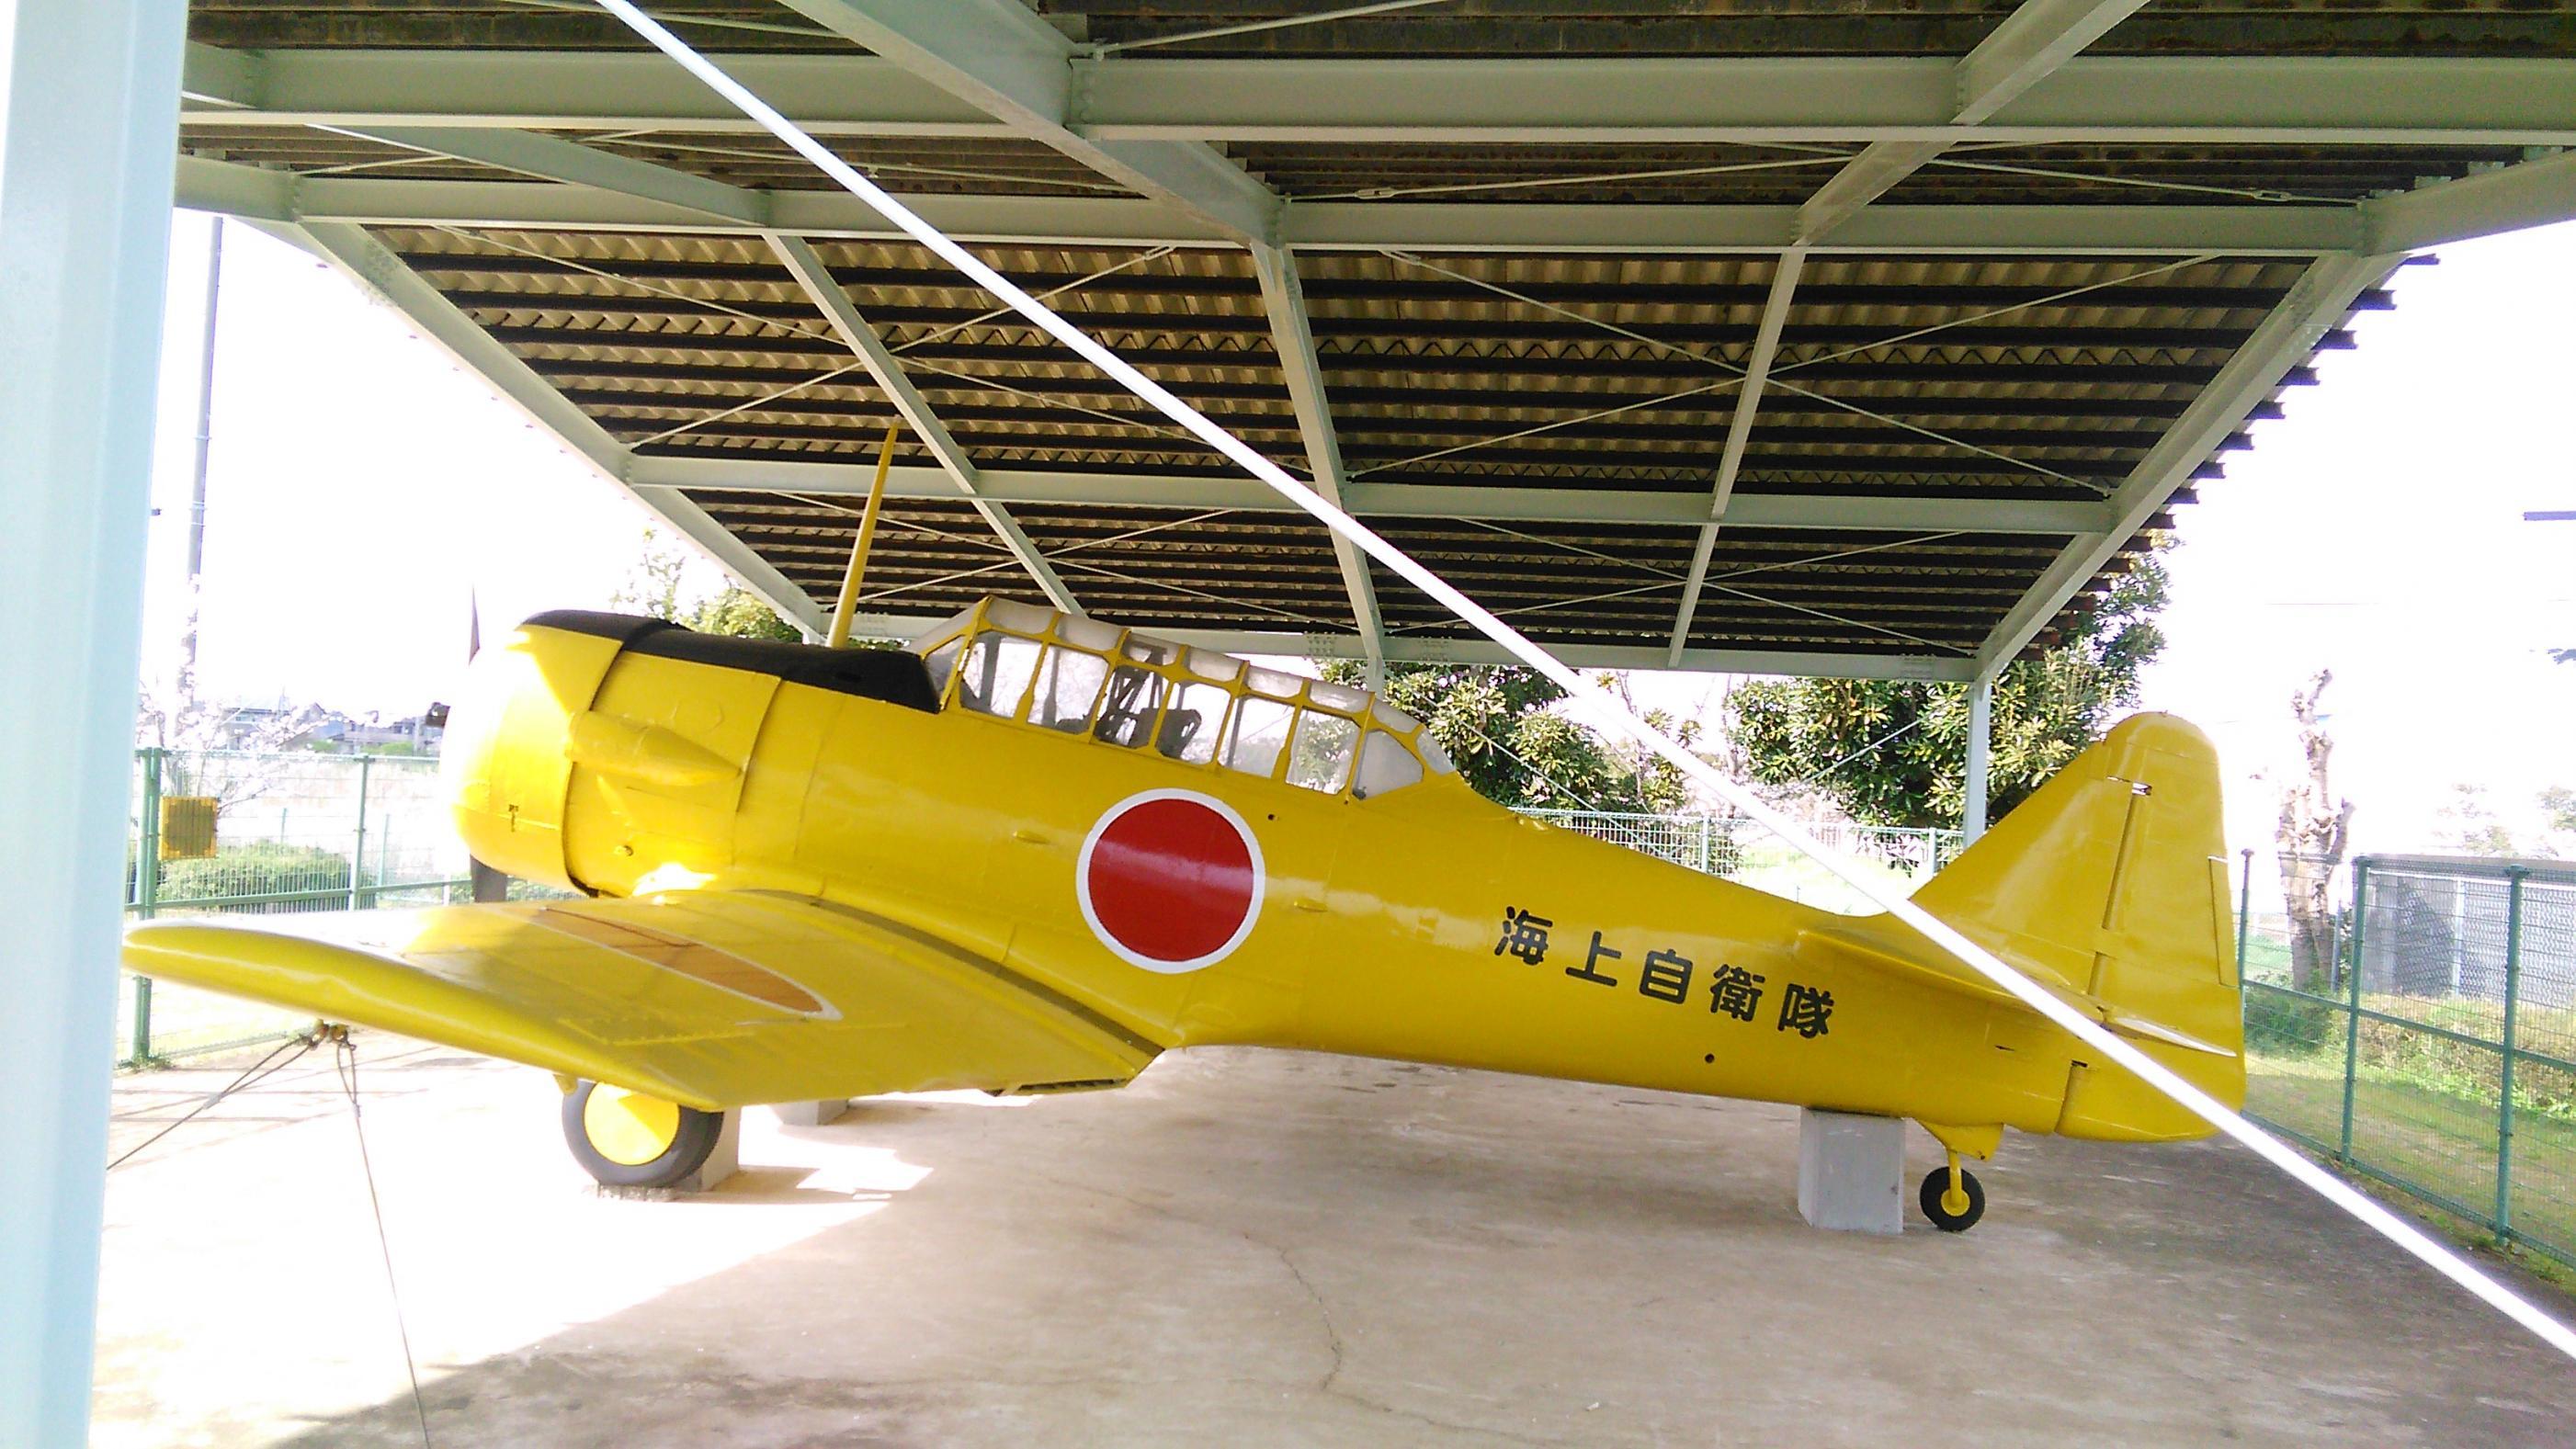 Naam: T-6 , Asahi..jpg Bekeken: 130 Grootte: 513,6 KB